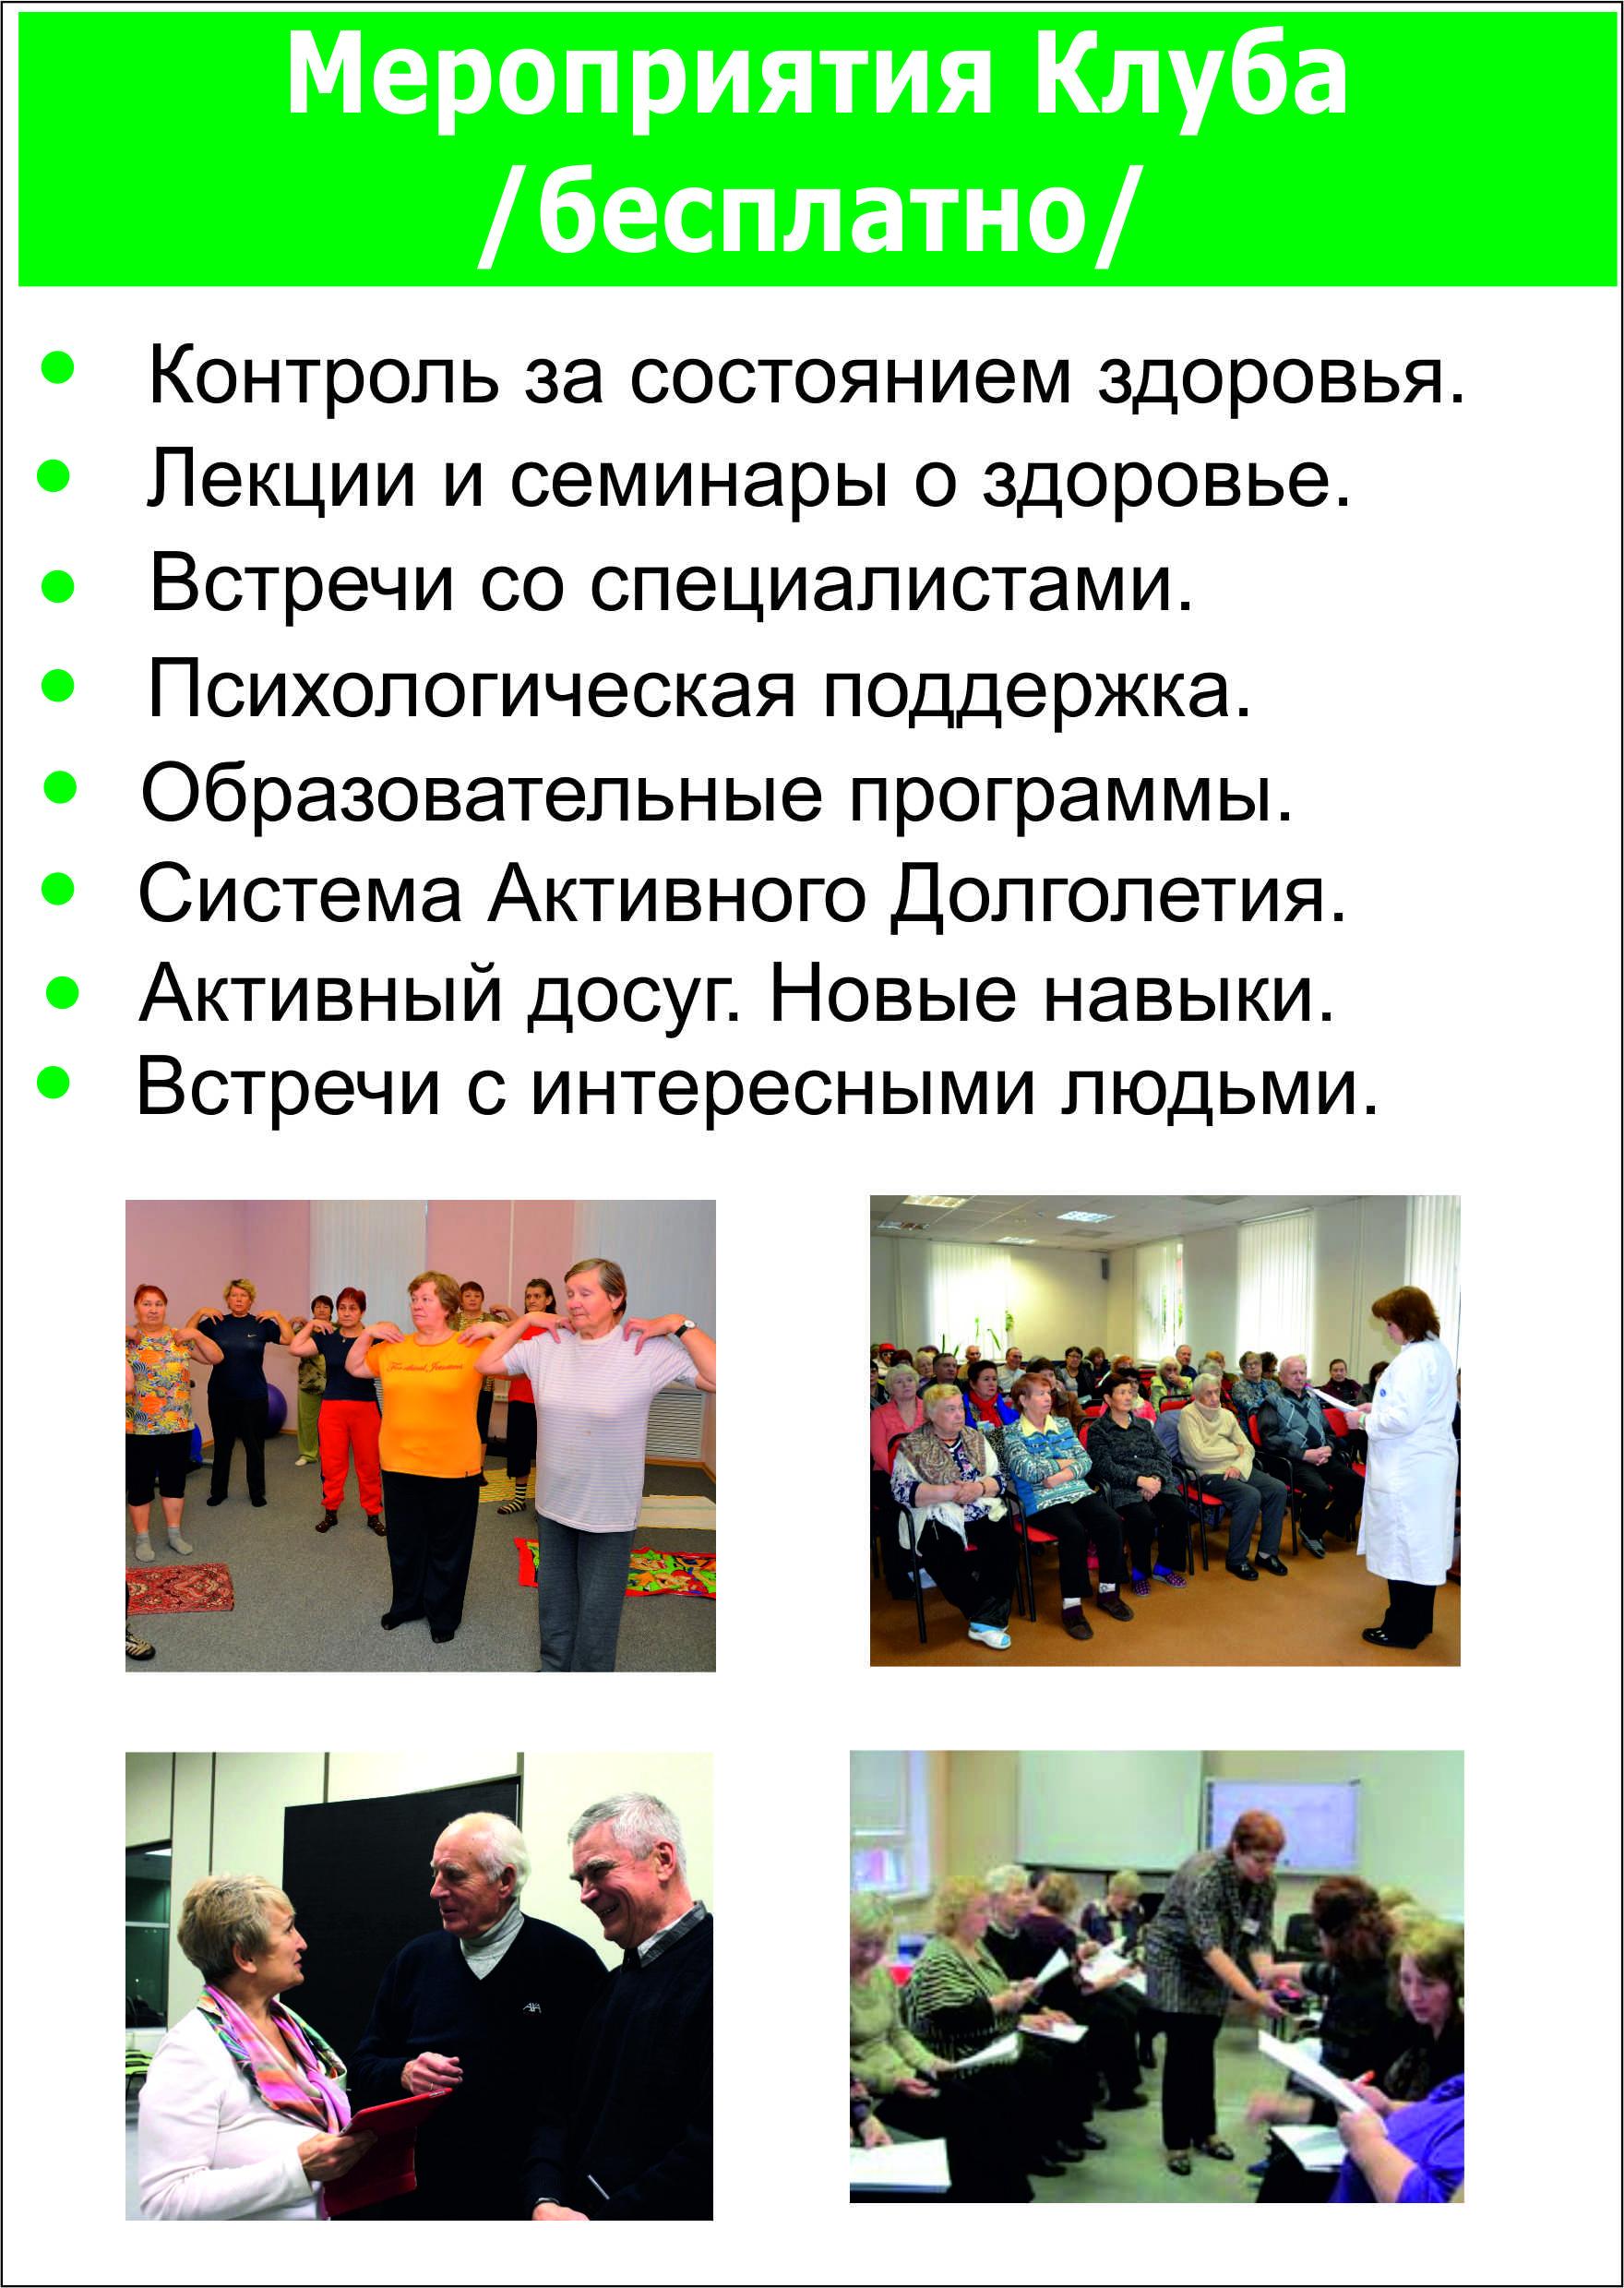 Клуб здоровья пенсионеров мероприятия